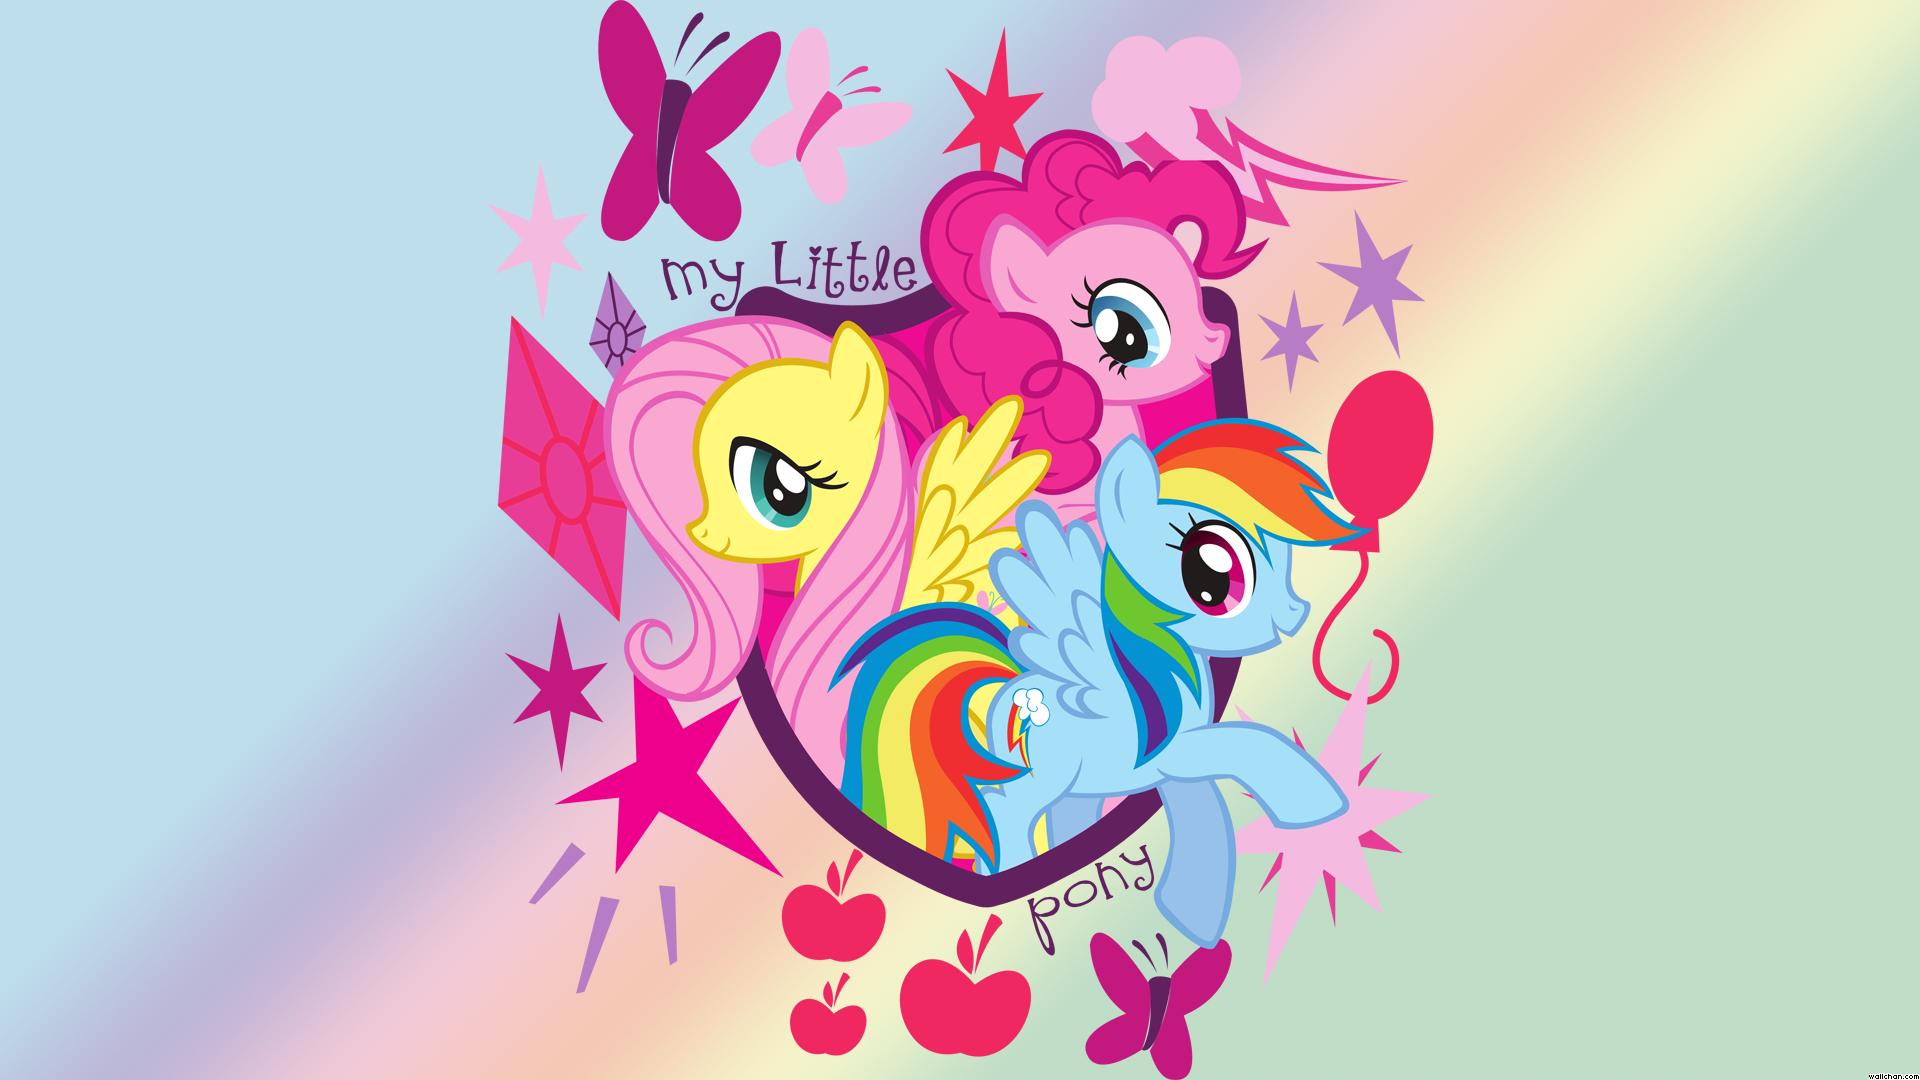 Rainboooow 24205 my little pony pinkie pie rainbow dash flutter shy